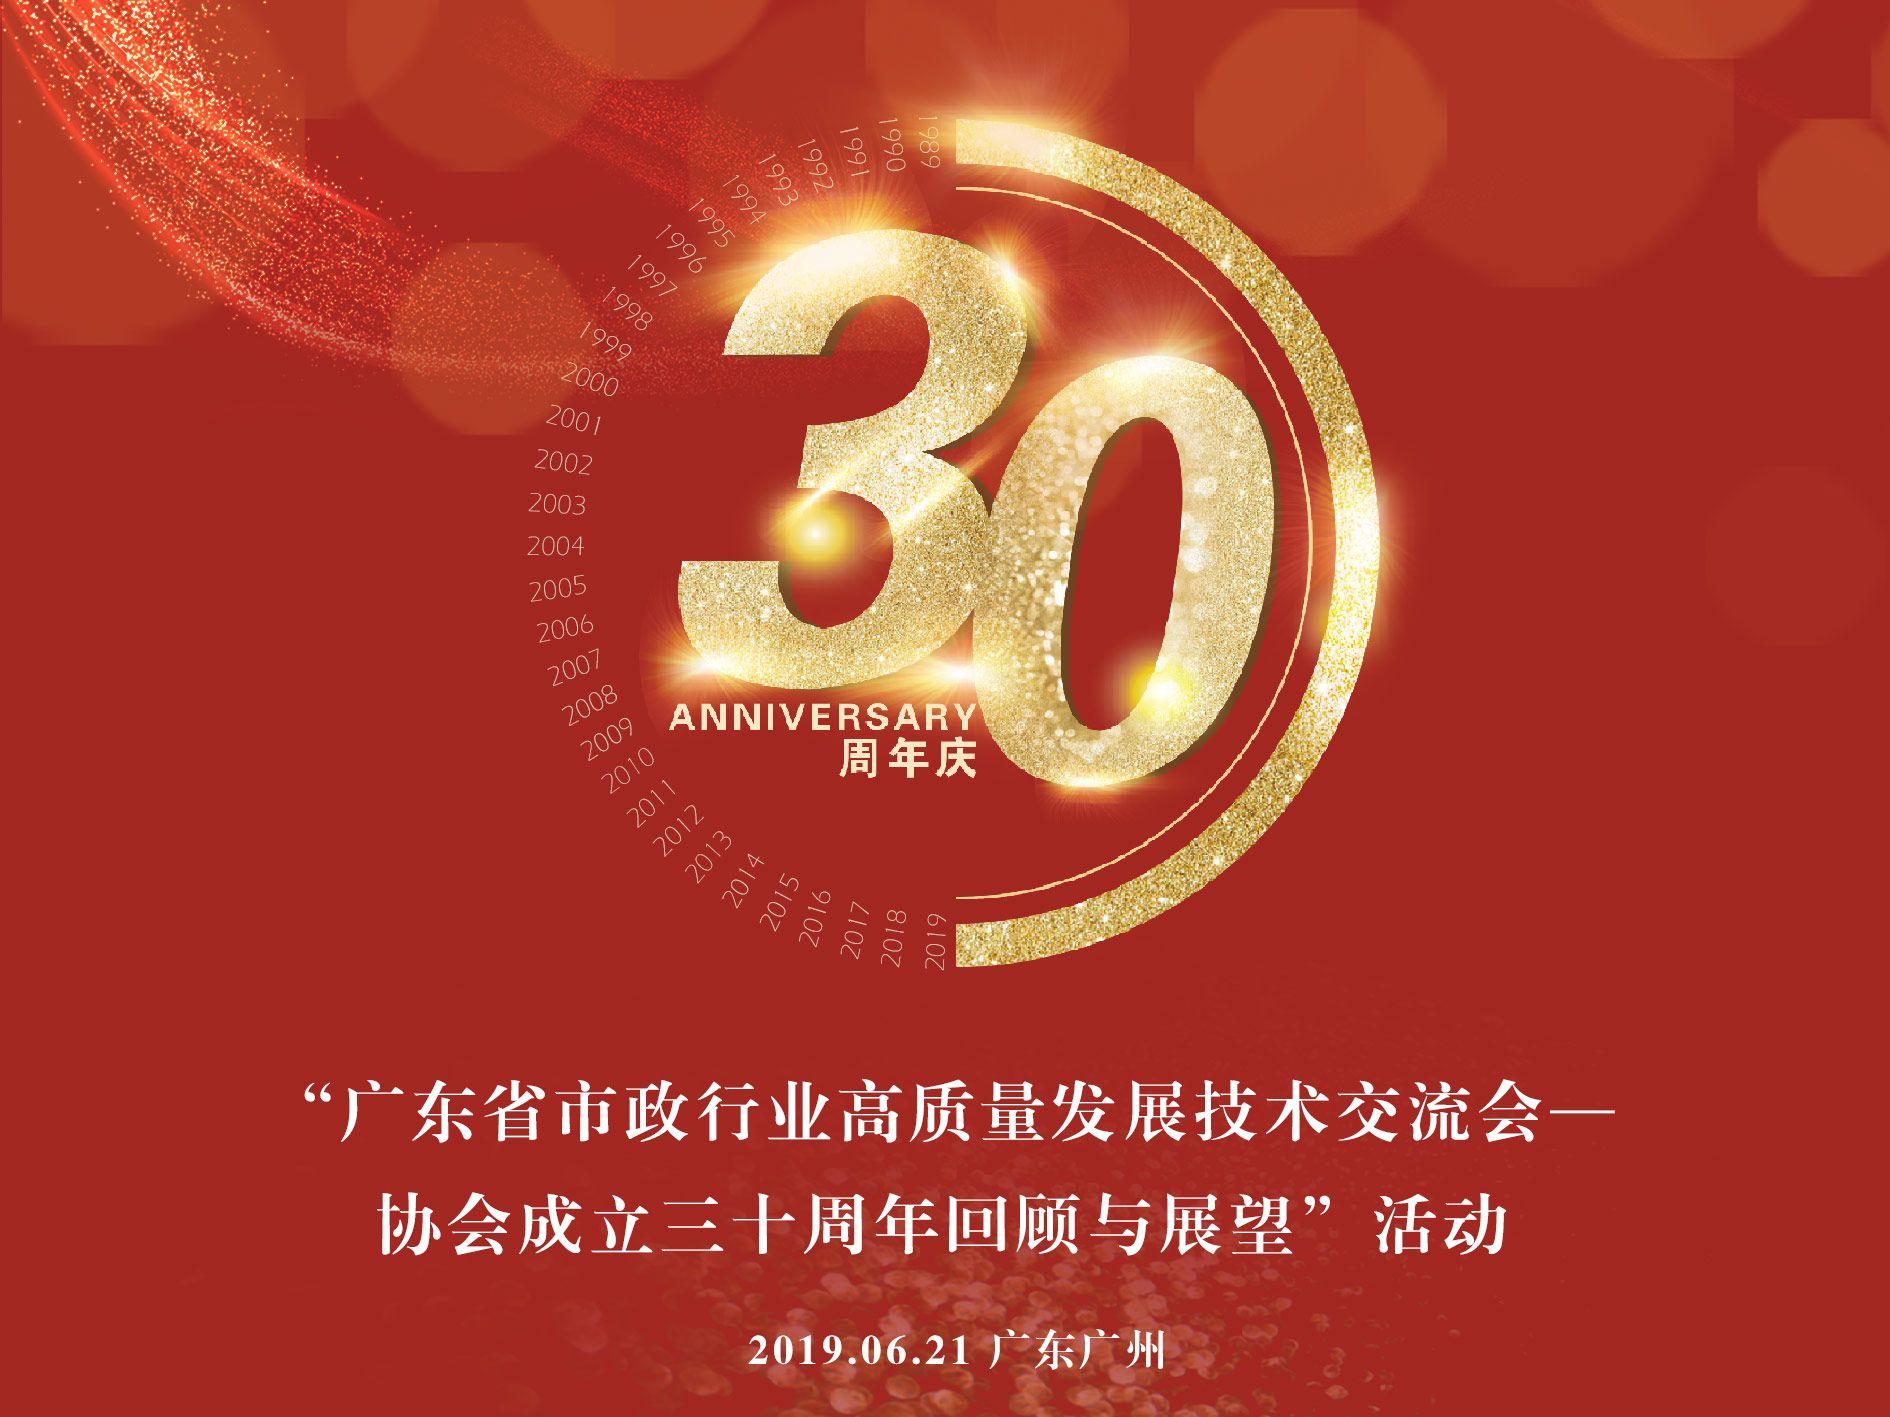 协会成立三十周年回顾与展望